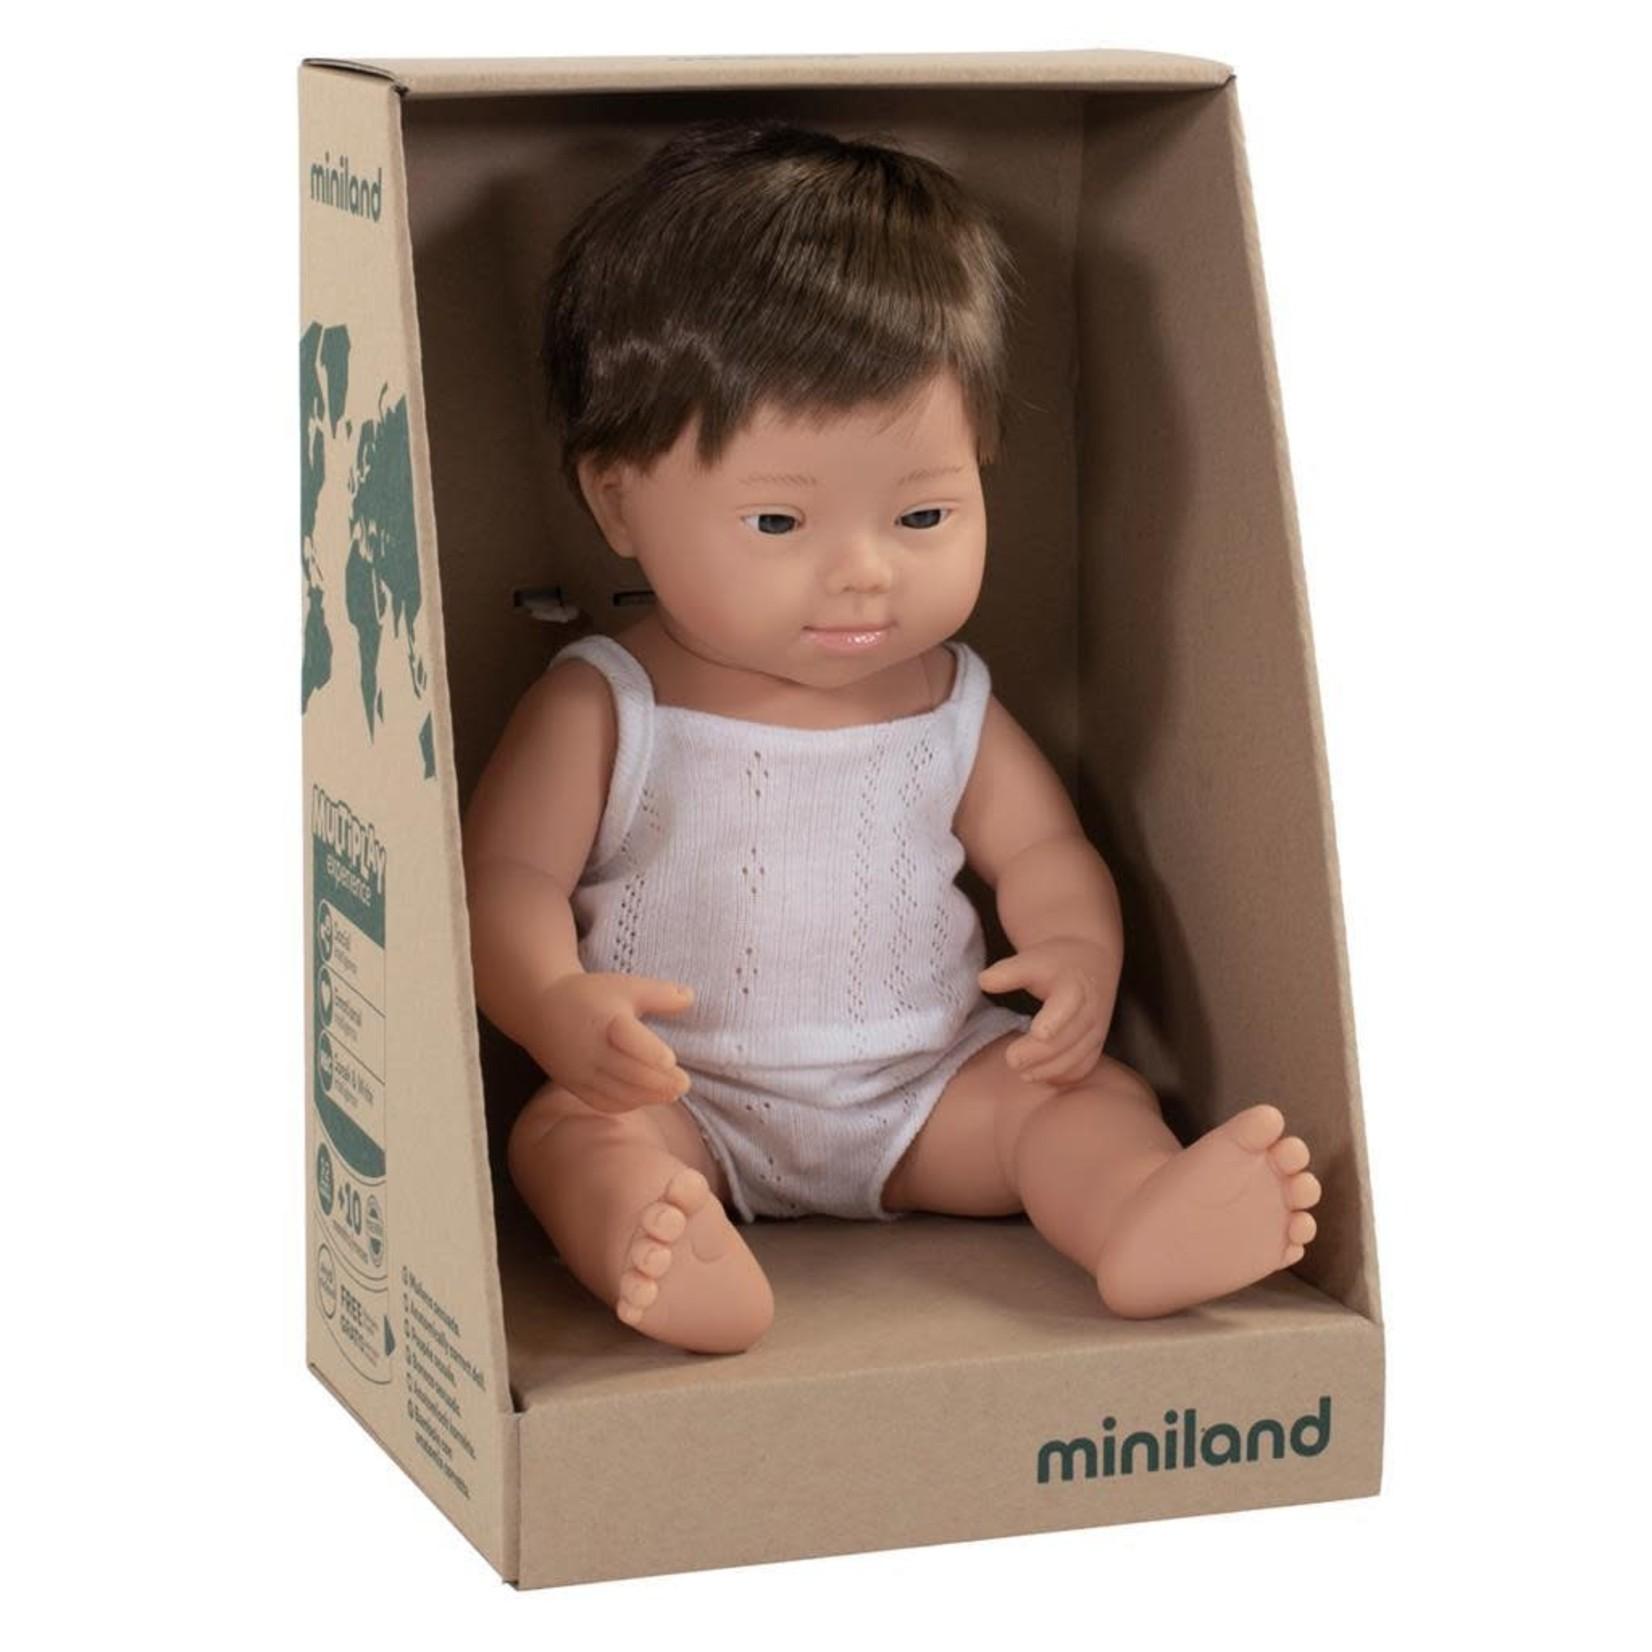 Miniland Pop Europese jongen met syndroom van down (38cm)